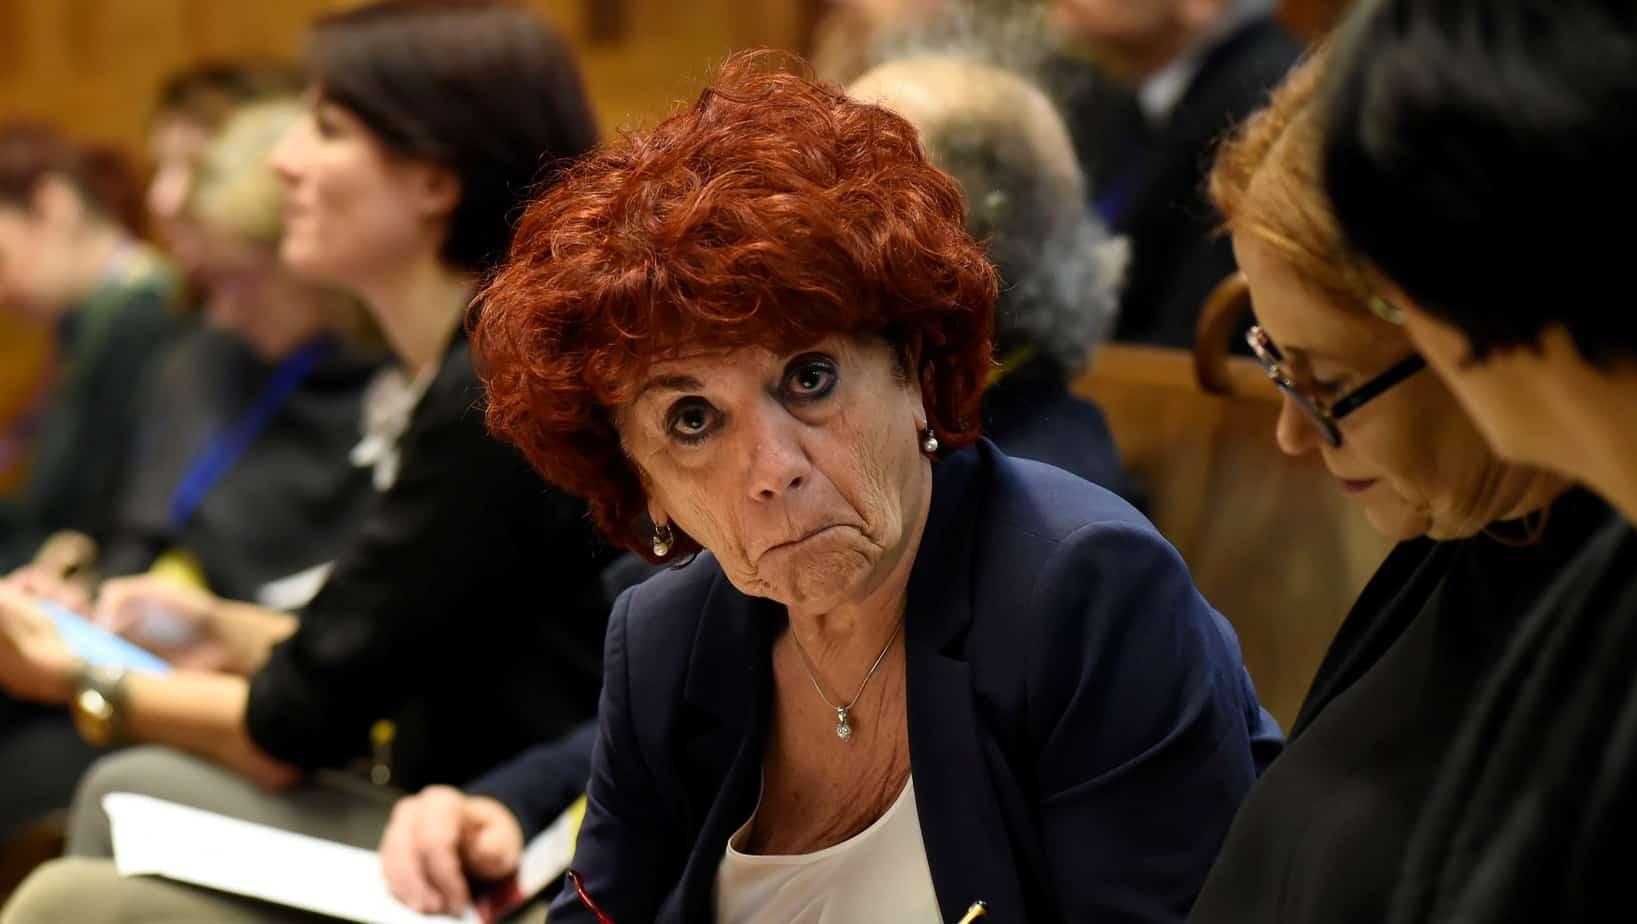 L'Accademia della Crusca contro il ministro Fedeli: